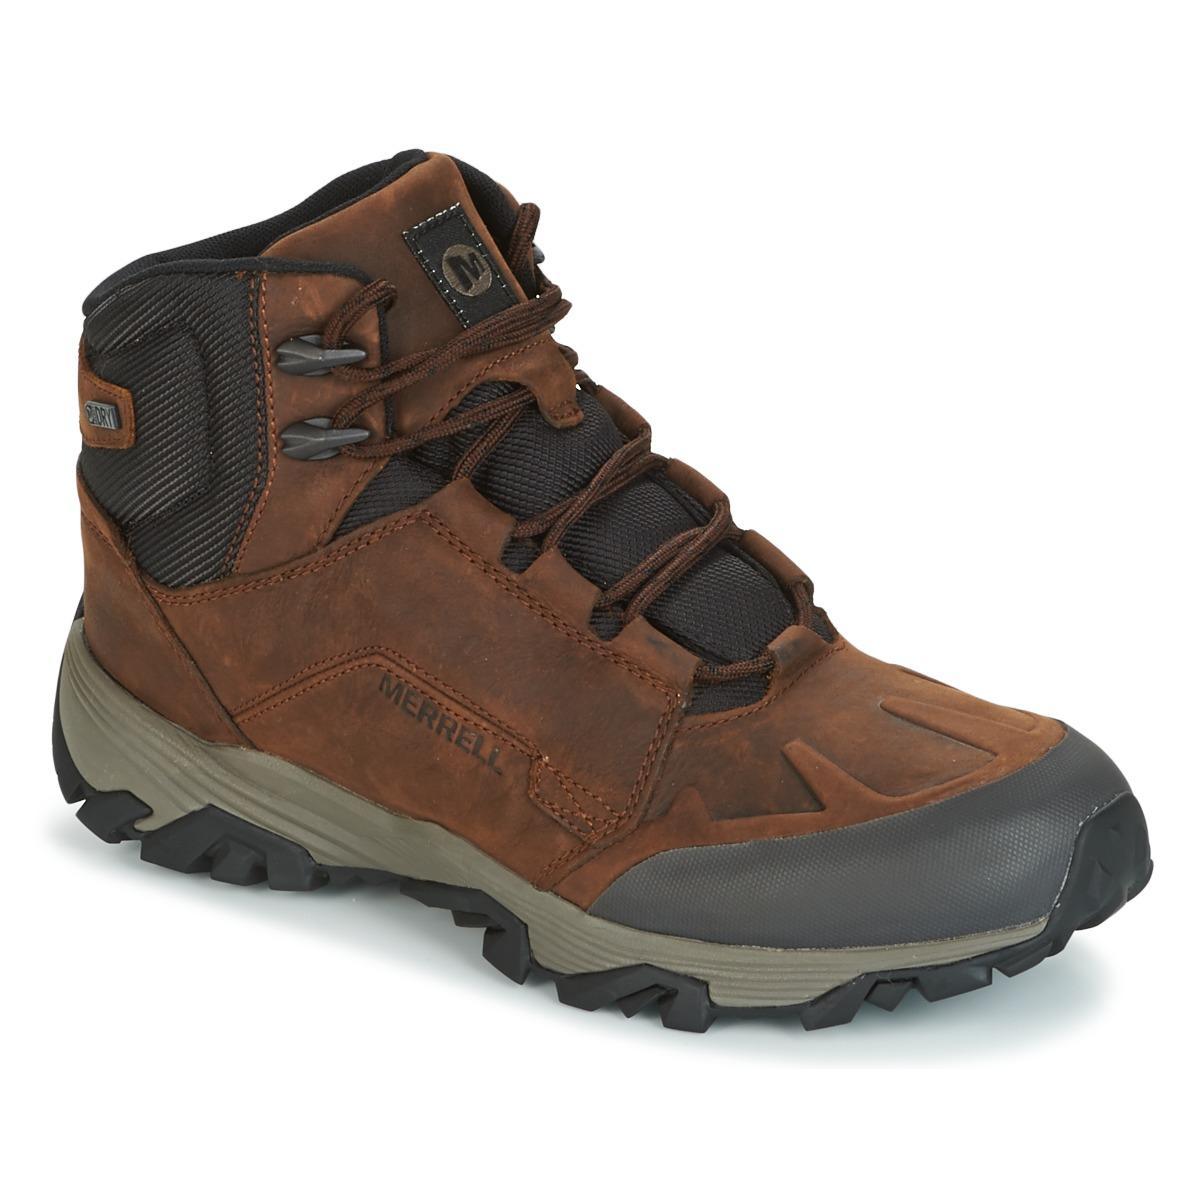 COLDPACK ICE MID WTPF hommes Chaussures en Marron Cuir Merrell pour homme en coloris Marron - 20 % de réduction